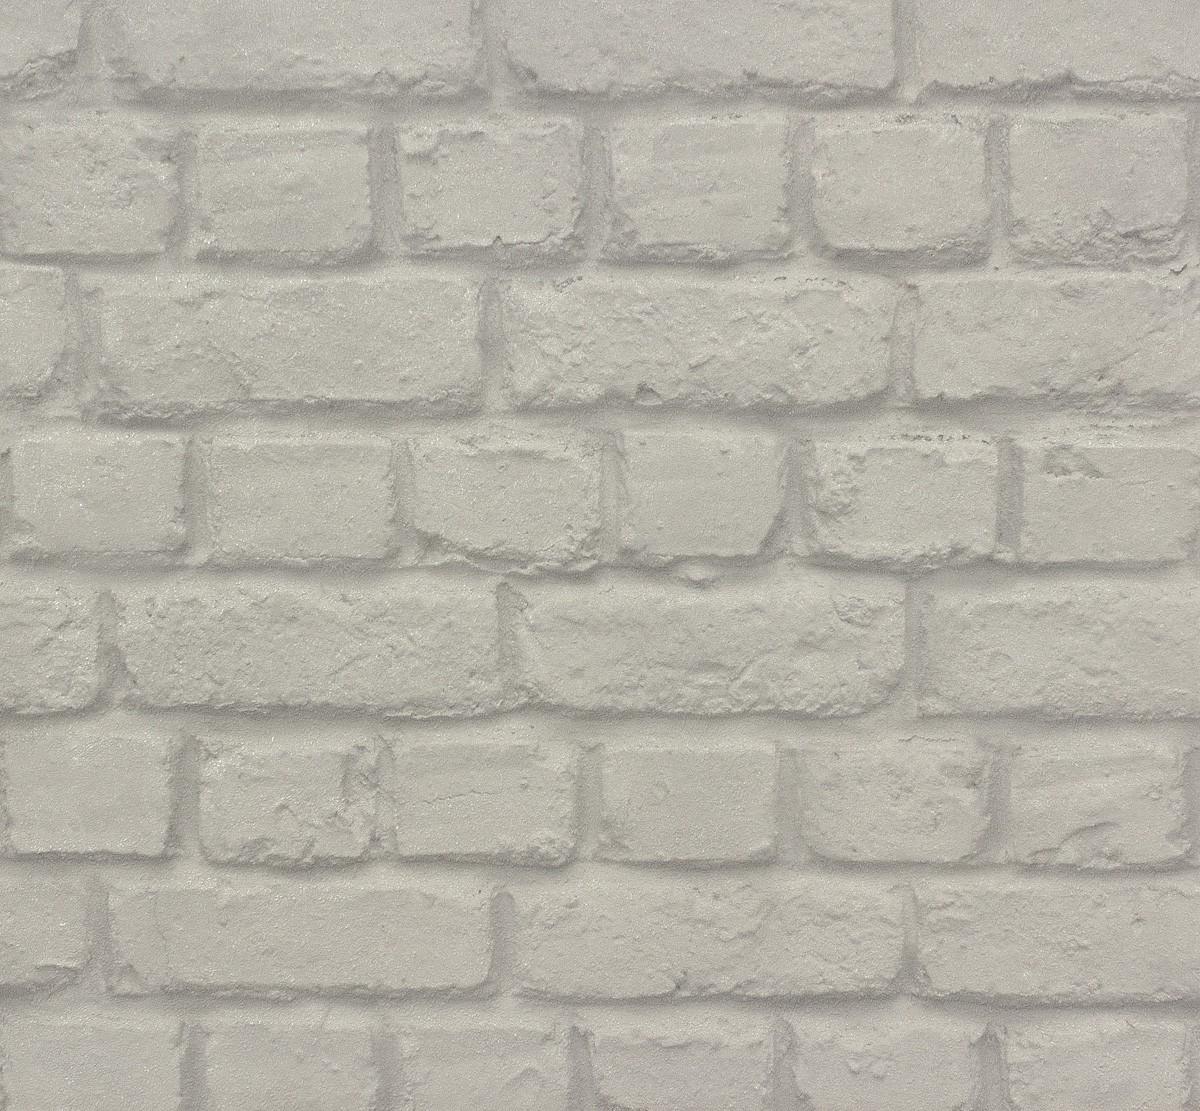 Rasch non woven wallpaper kids teens stone optic